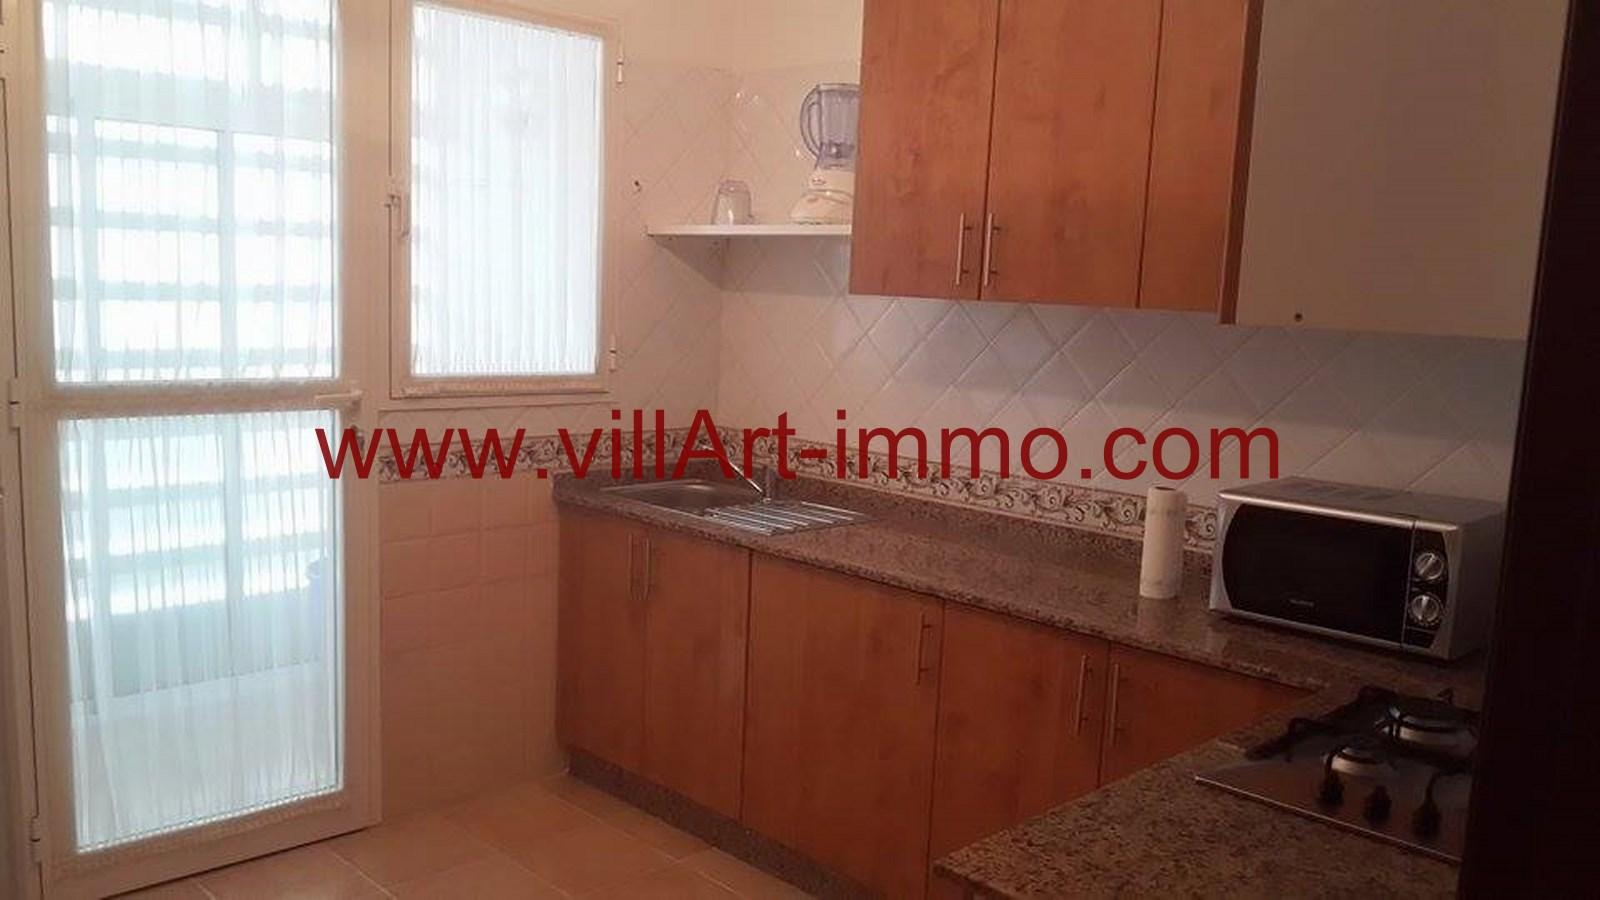 A louer un appartement f4 meubl tanger villart for Louer un appartement meuble